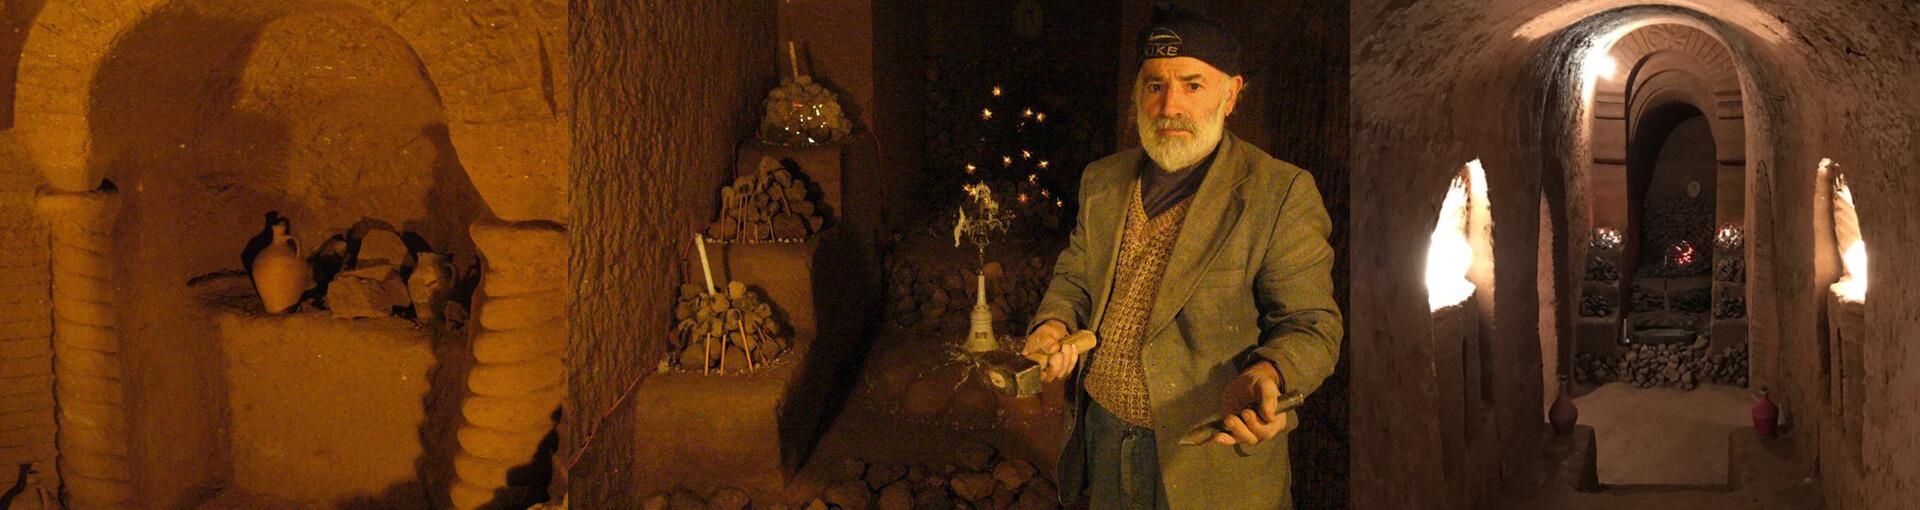 Levon's Divine Underground Cave museum